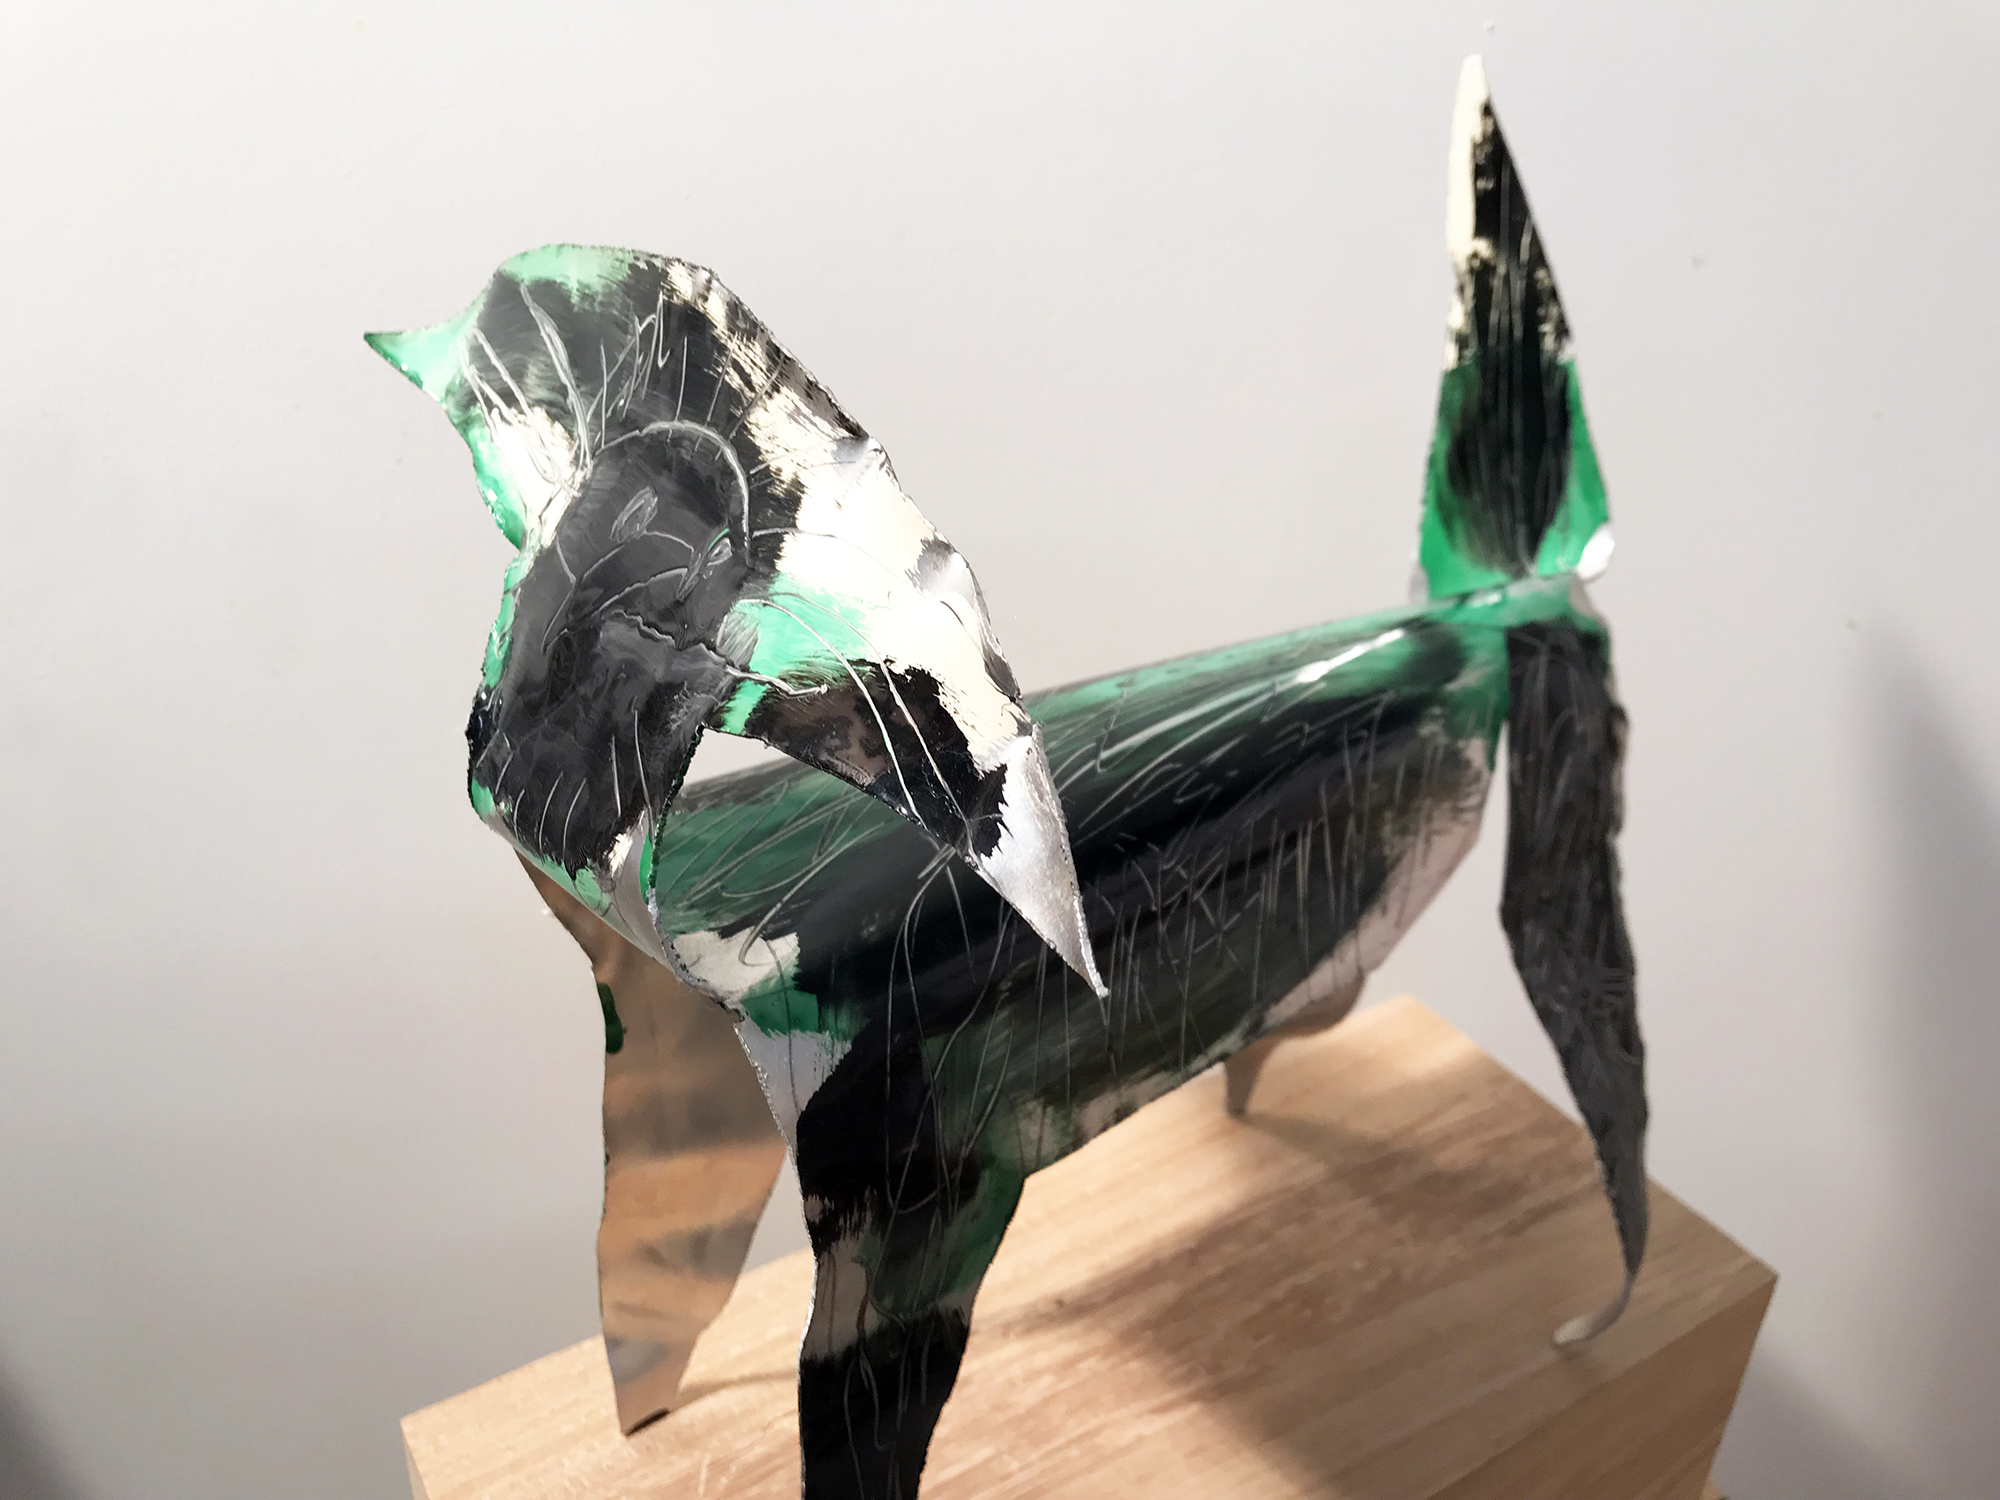 Hund, Autolack auf Aluminium, ca. 28 x 35 x 30 cm